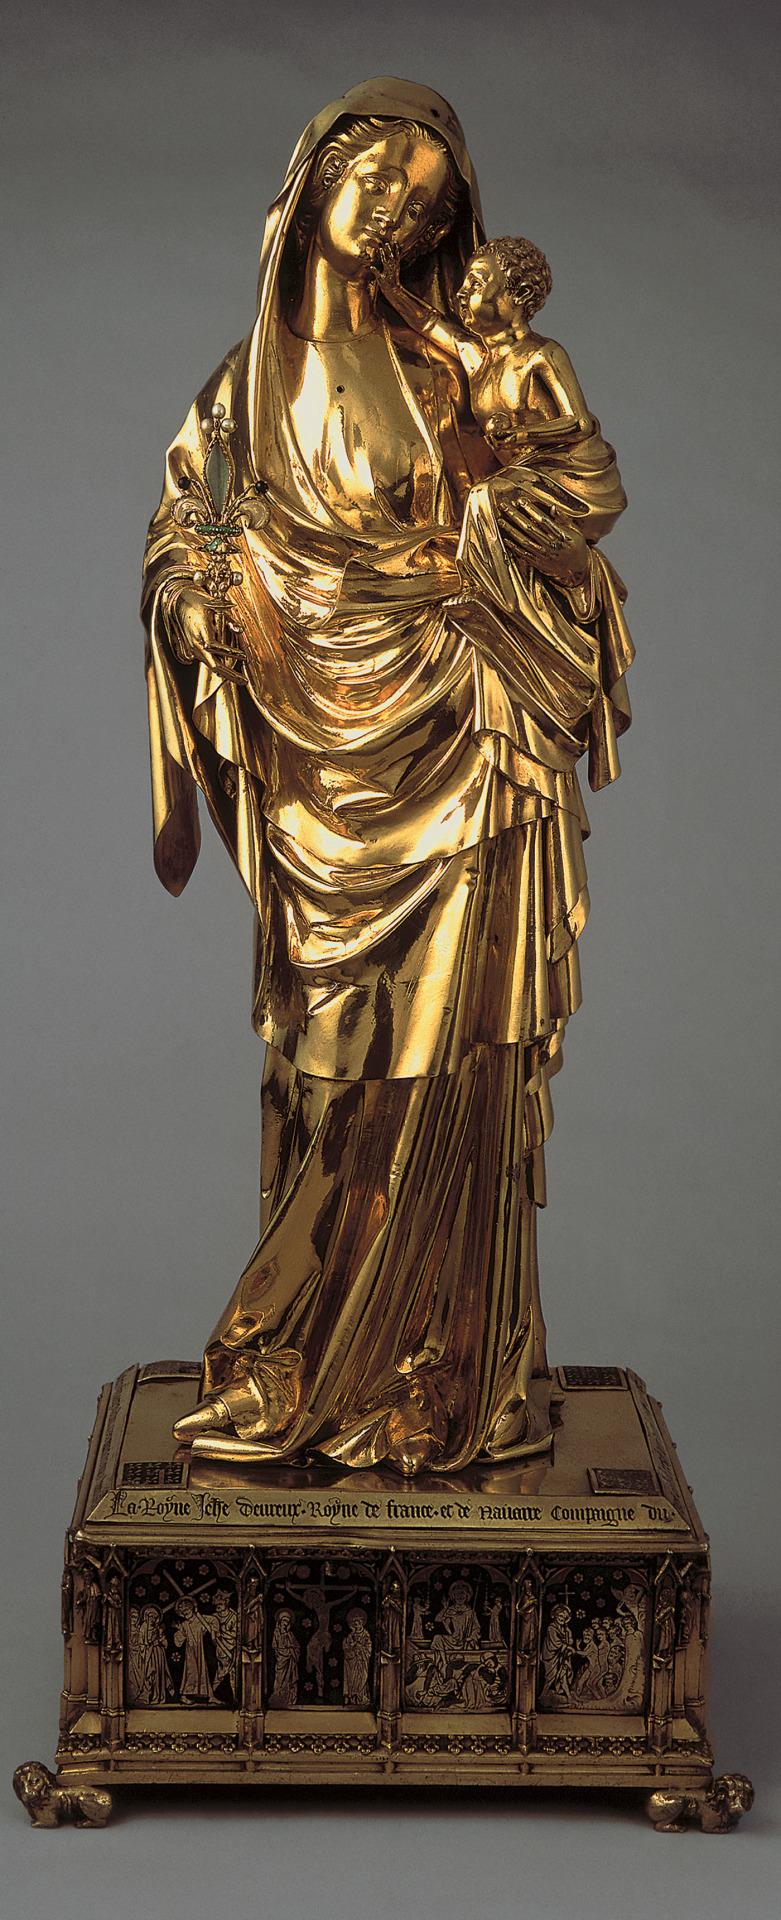 Vierge à l'Enfant de Jeanne d'Evreux, XIVe siècle, argent doré et émaux, Paris, musée du Louvre © Musée du Louvre